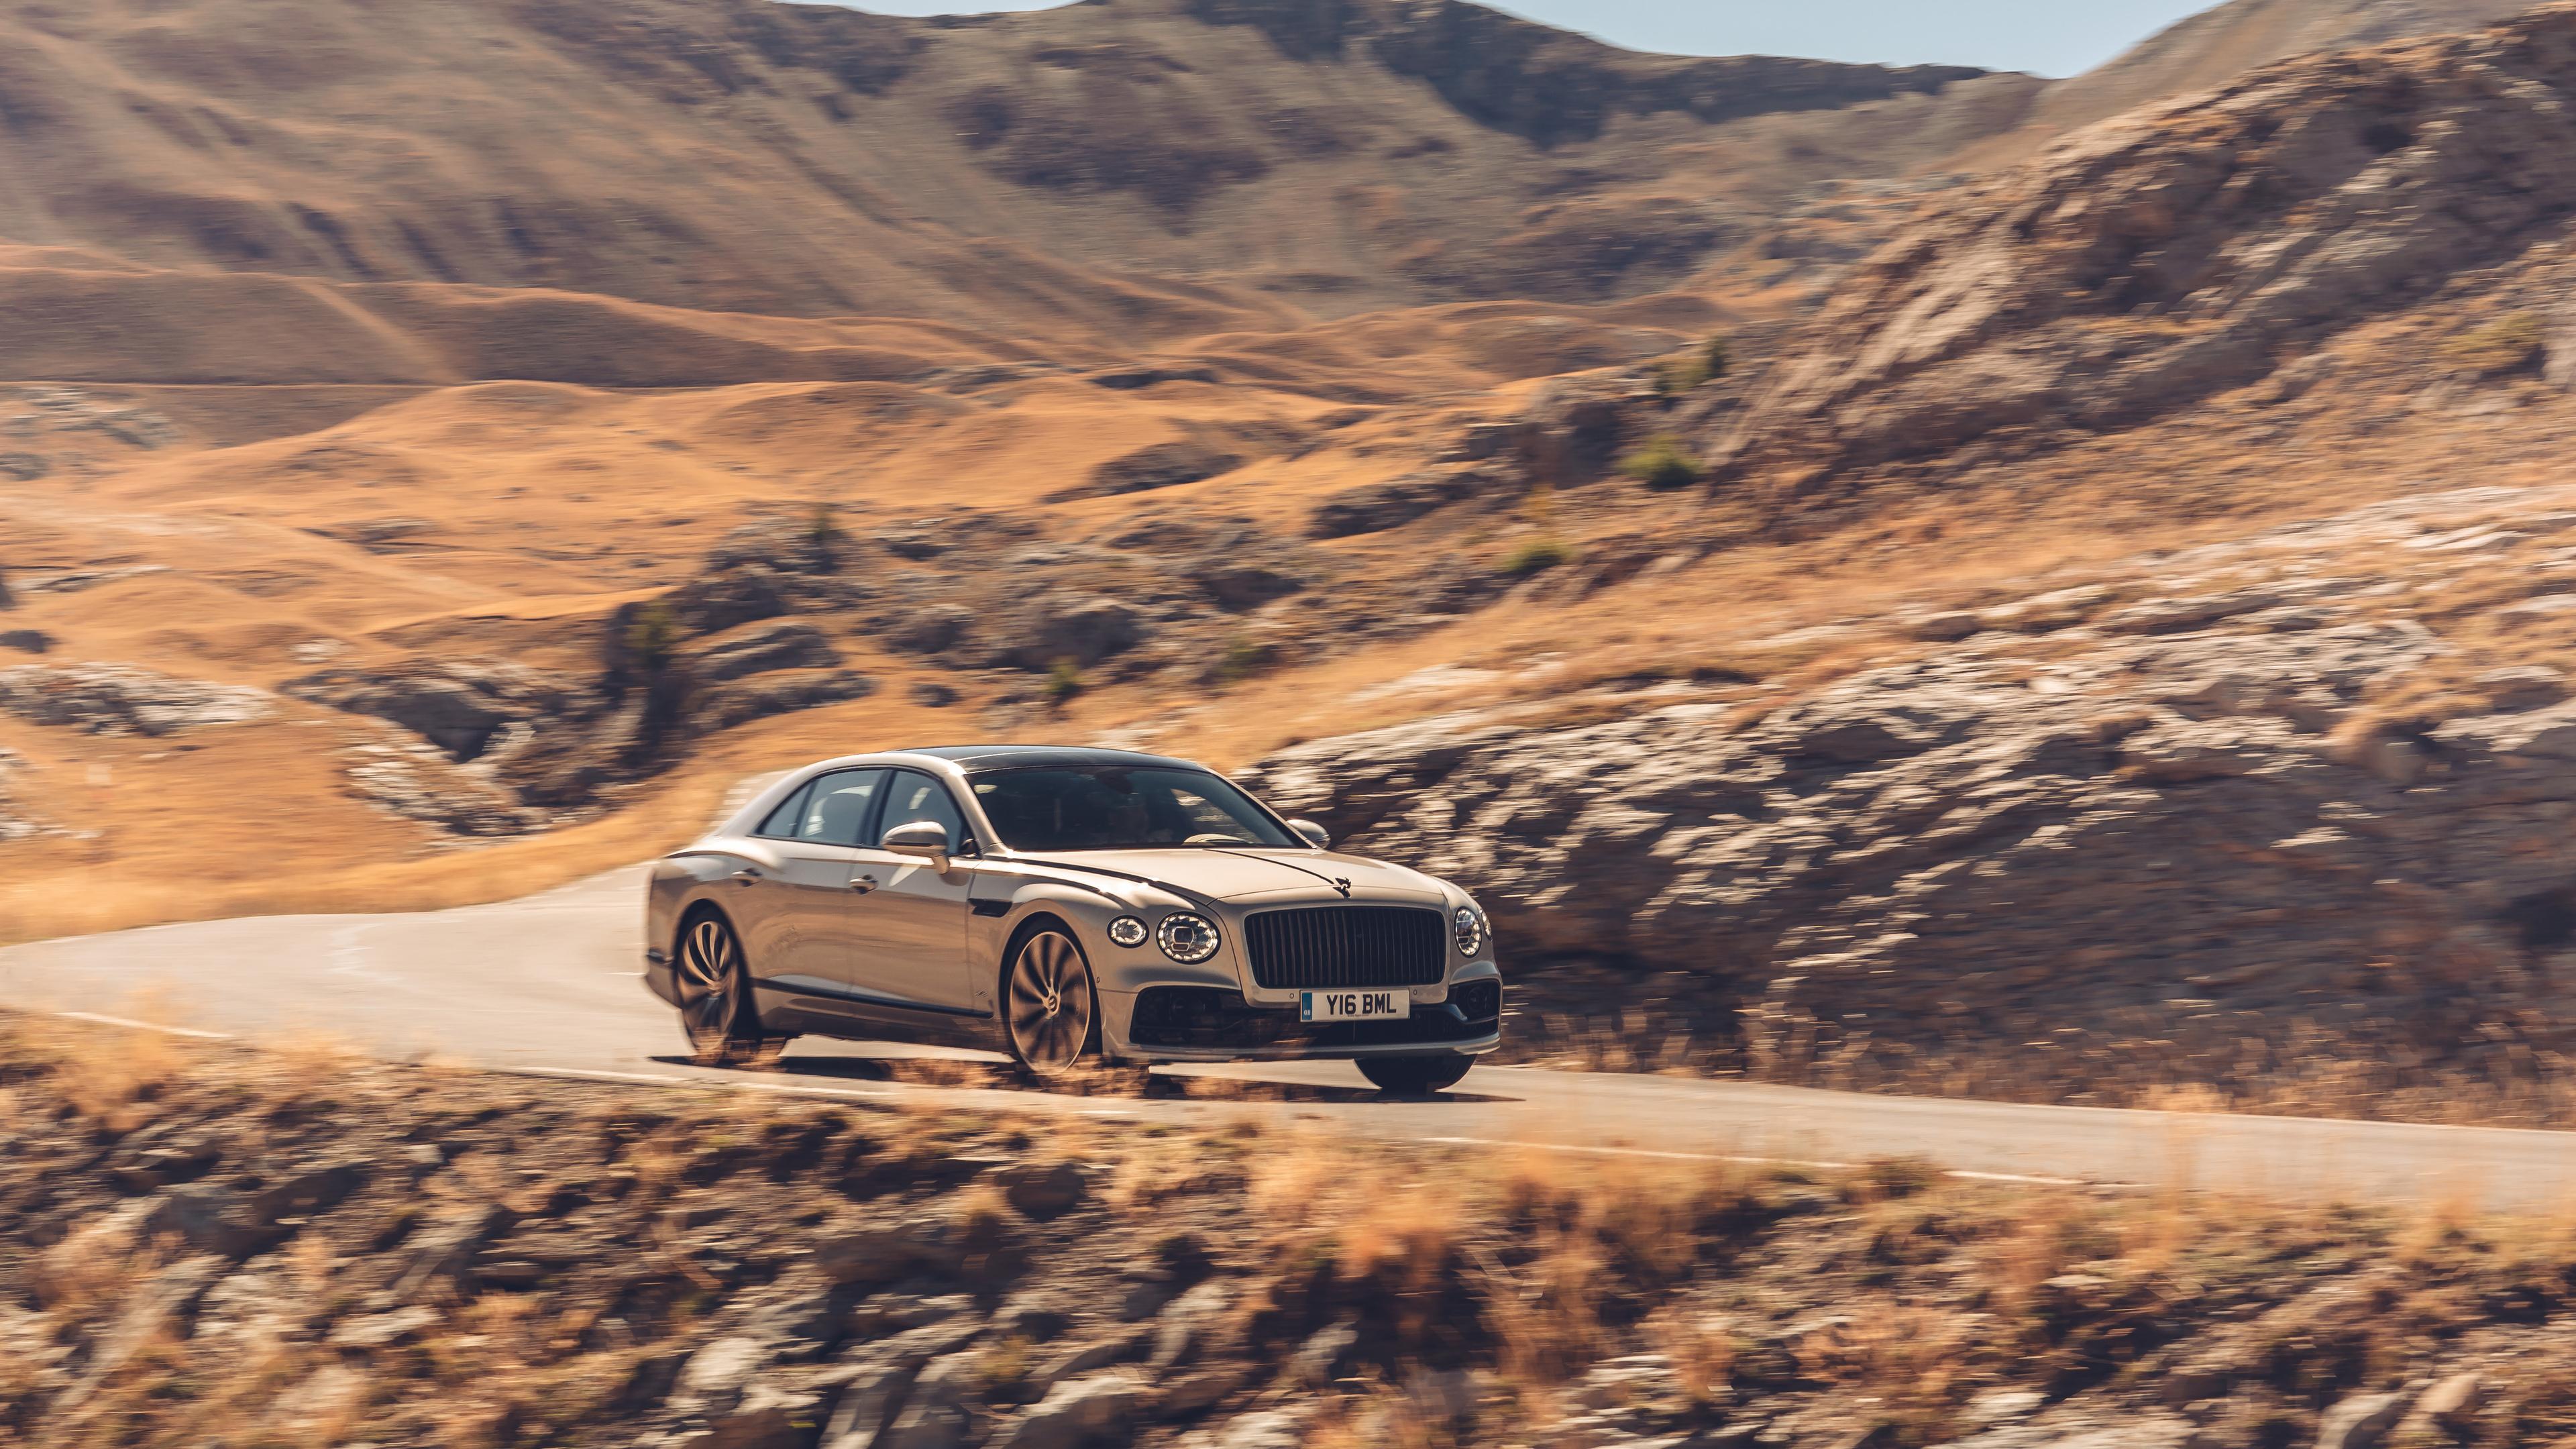 2020 bentley flying spur blackline 1572661022 - 2020 Bentley Flying Spur Blackline - hd-wallpapers, cars wallpapers, bentley wallpapers, bentley flying spur wallpapers, 5k wallpapers, 4k-wallpapers, 2020 cars wallpapers